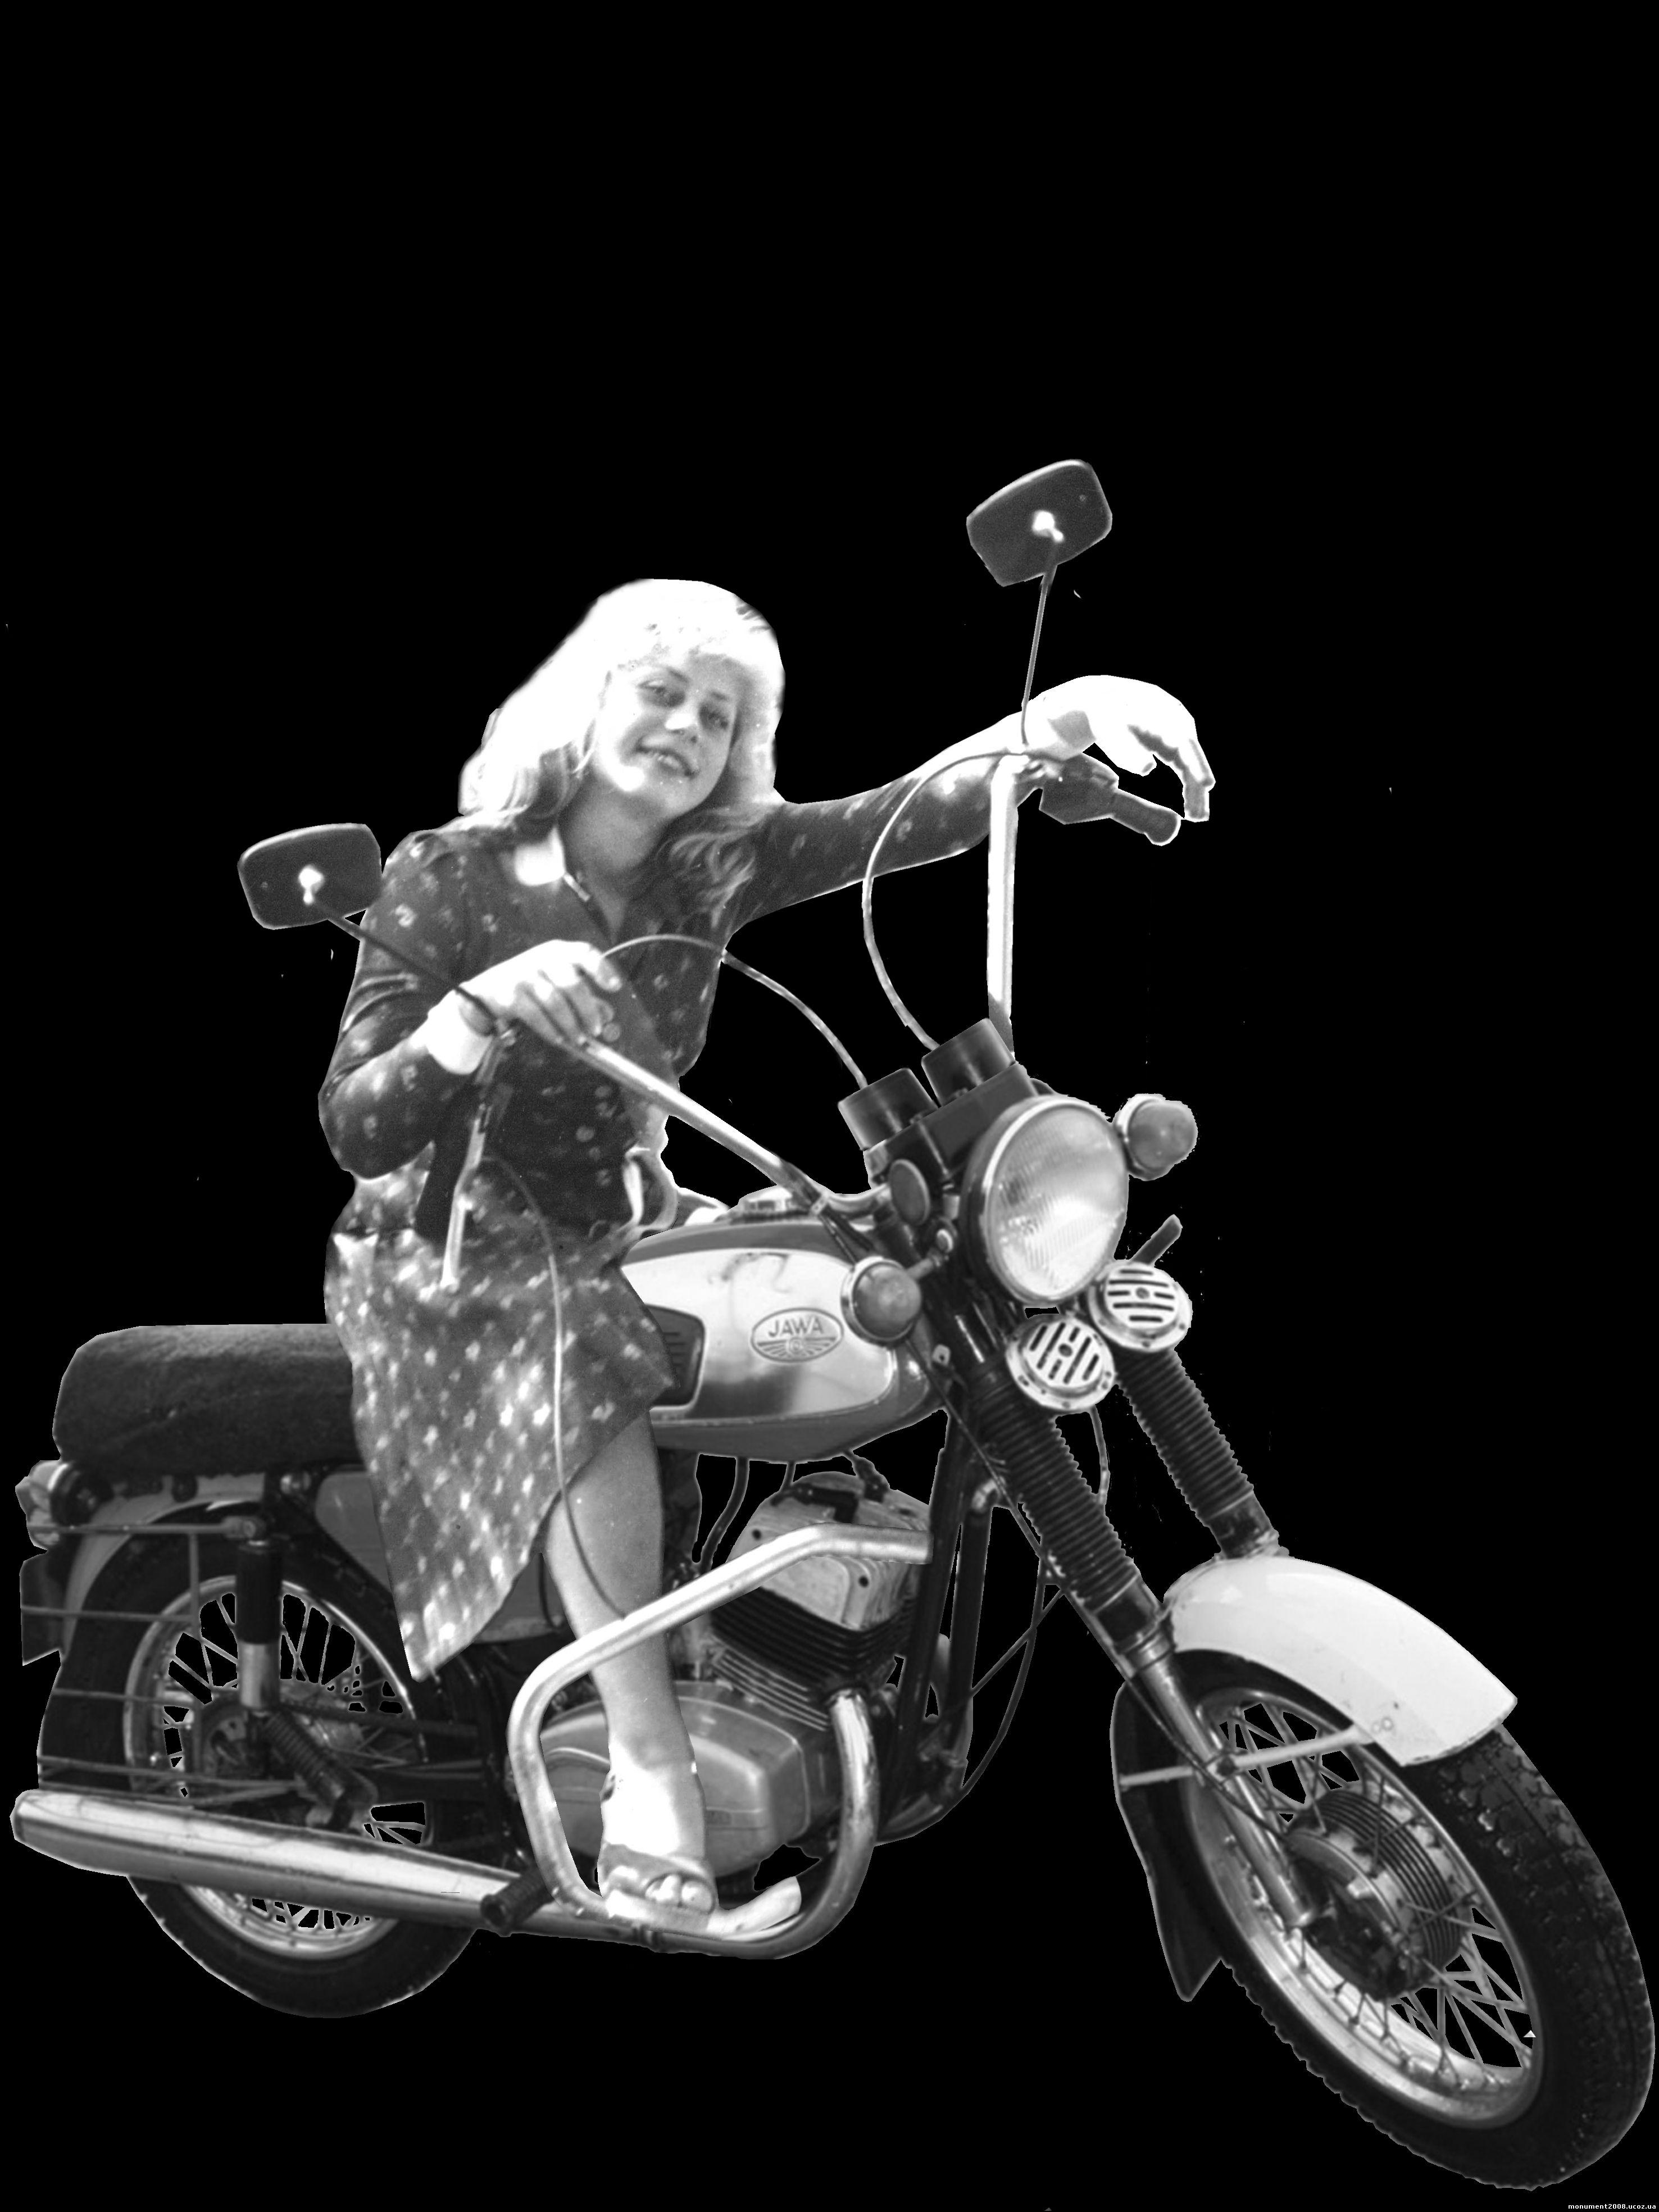 пейзаж с мотоциклом